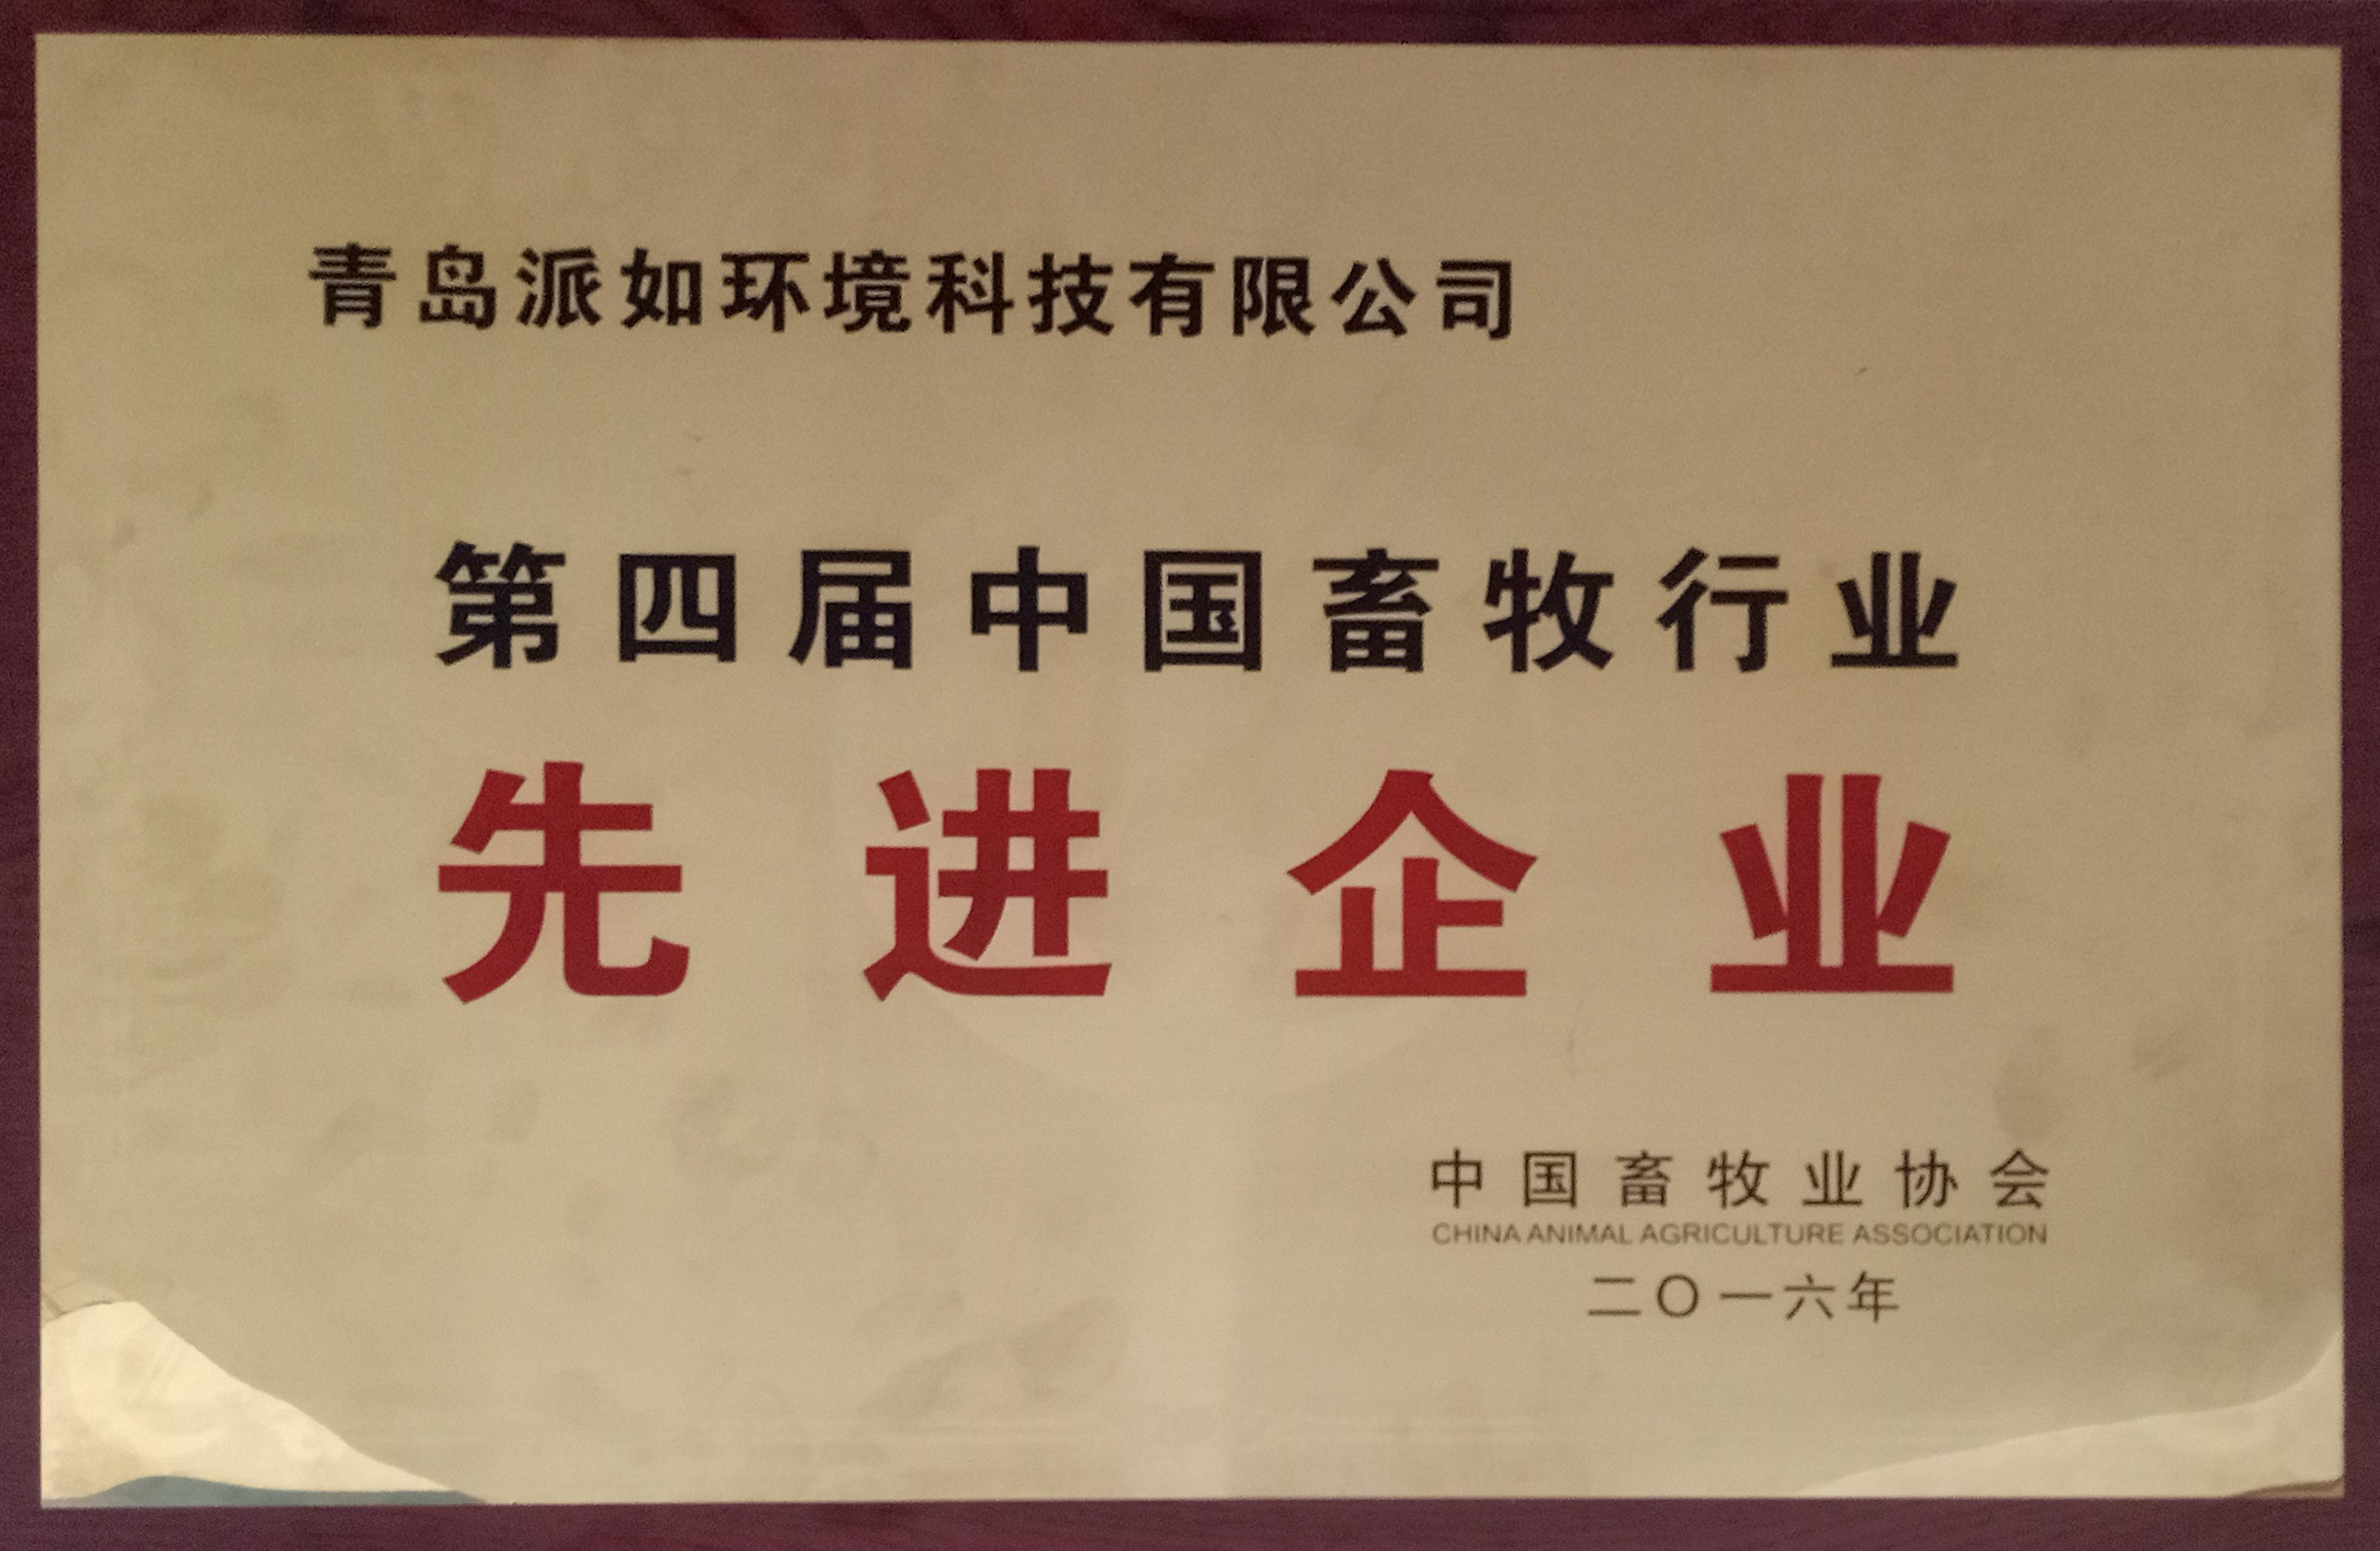 第四屆中國畜牧行業先進企業